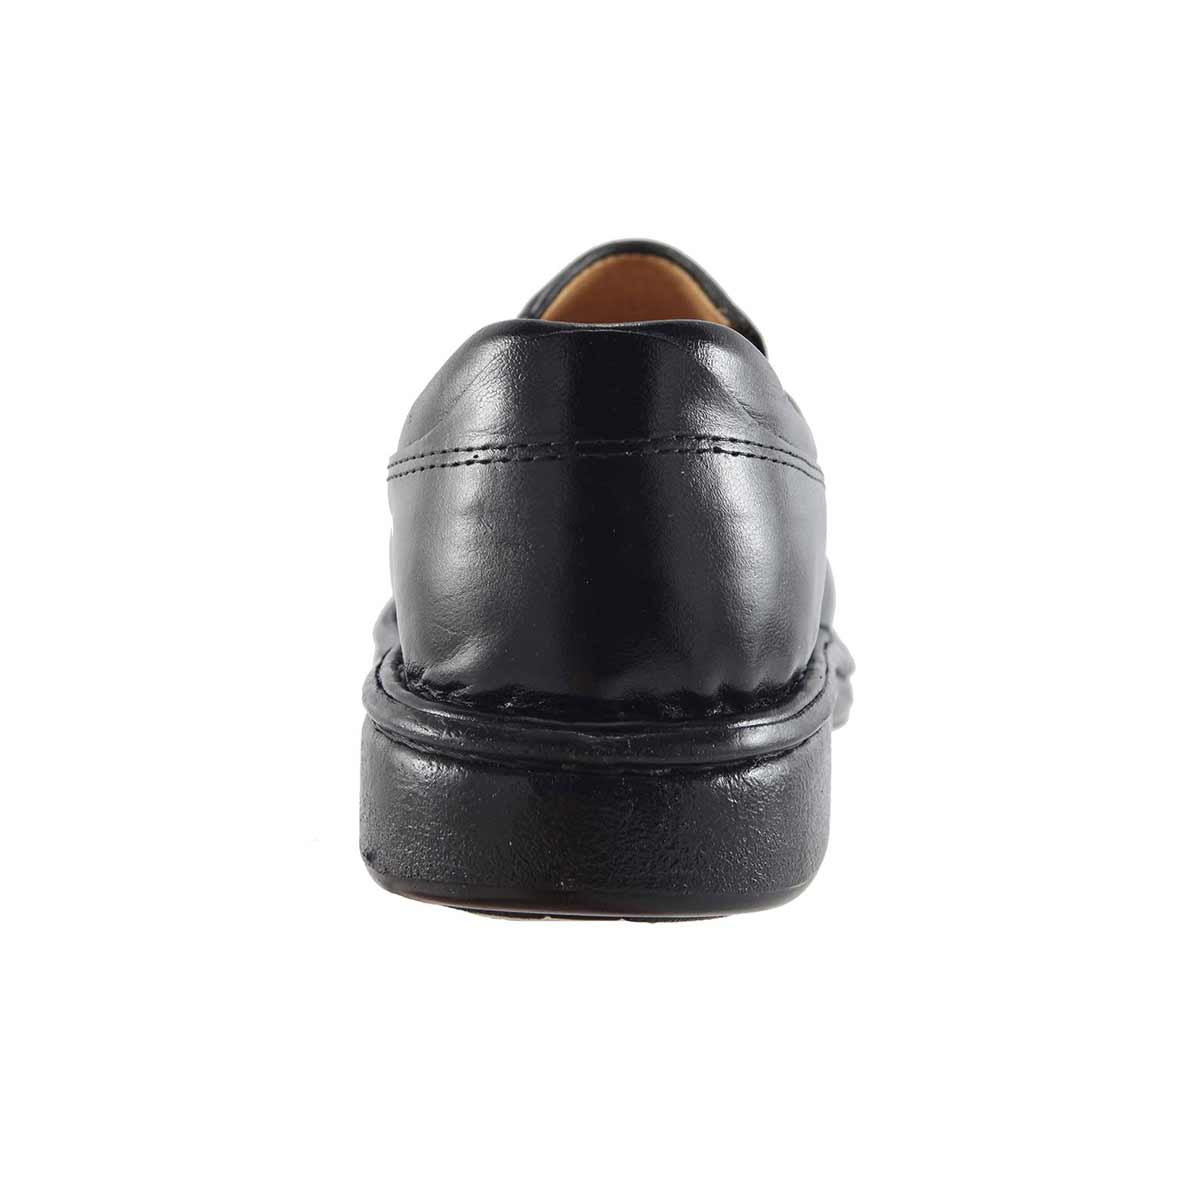 Sapato Isttony Conforto Anti-stress Em Couro Pelica Legítimo 2001  - Ian Calçados